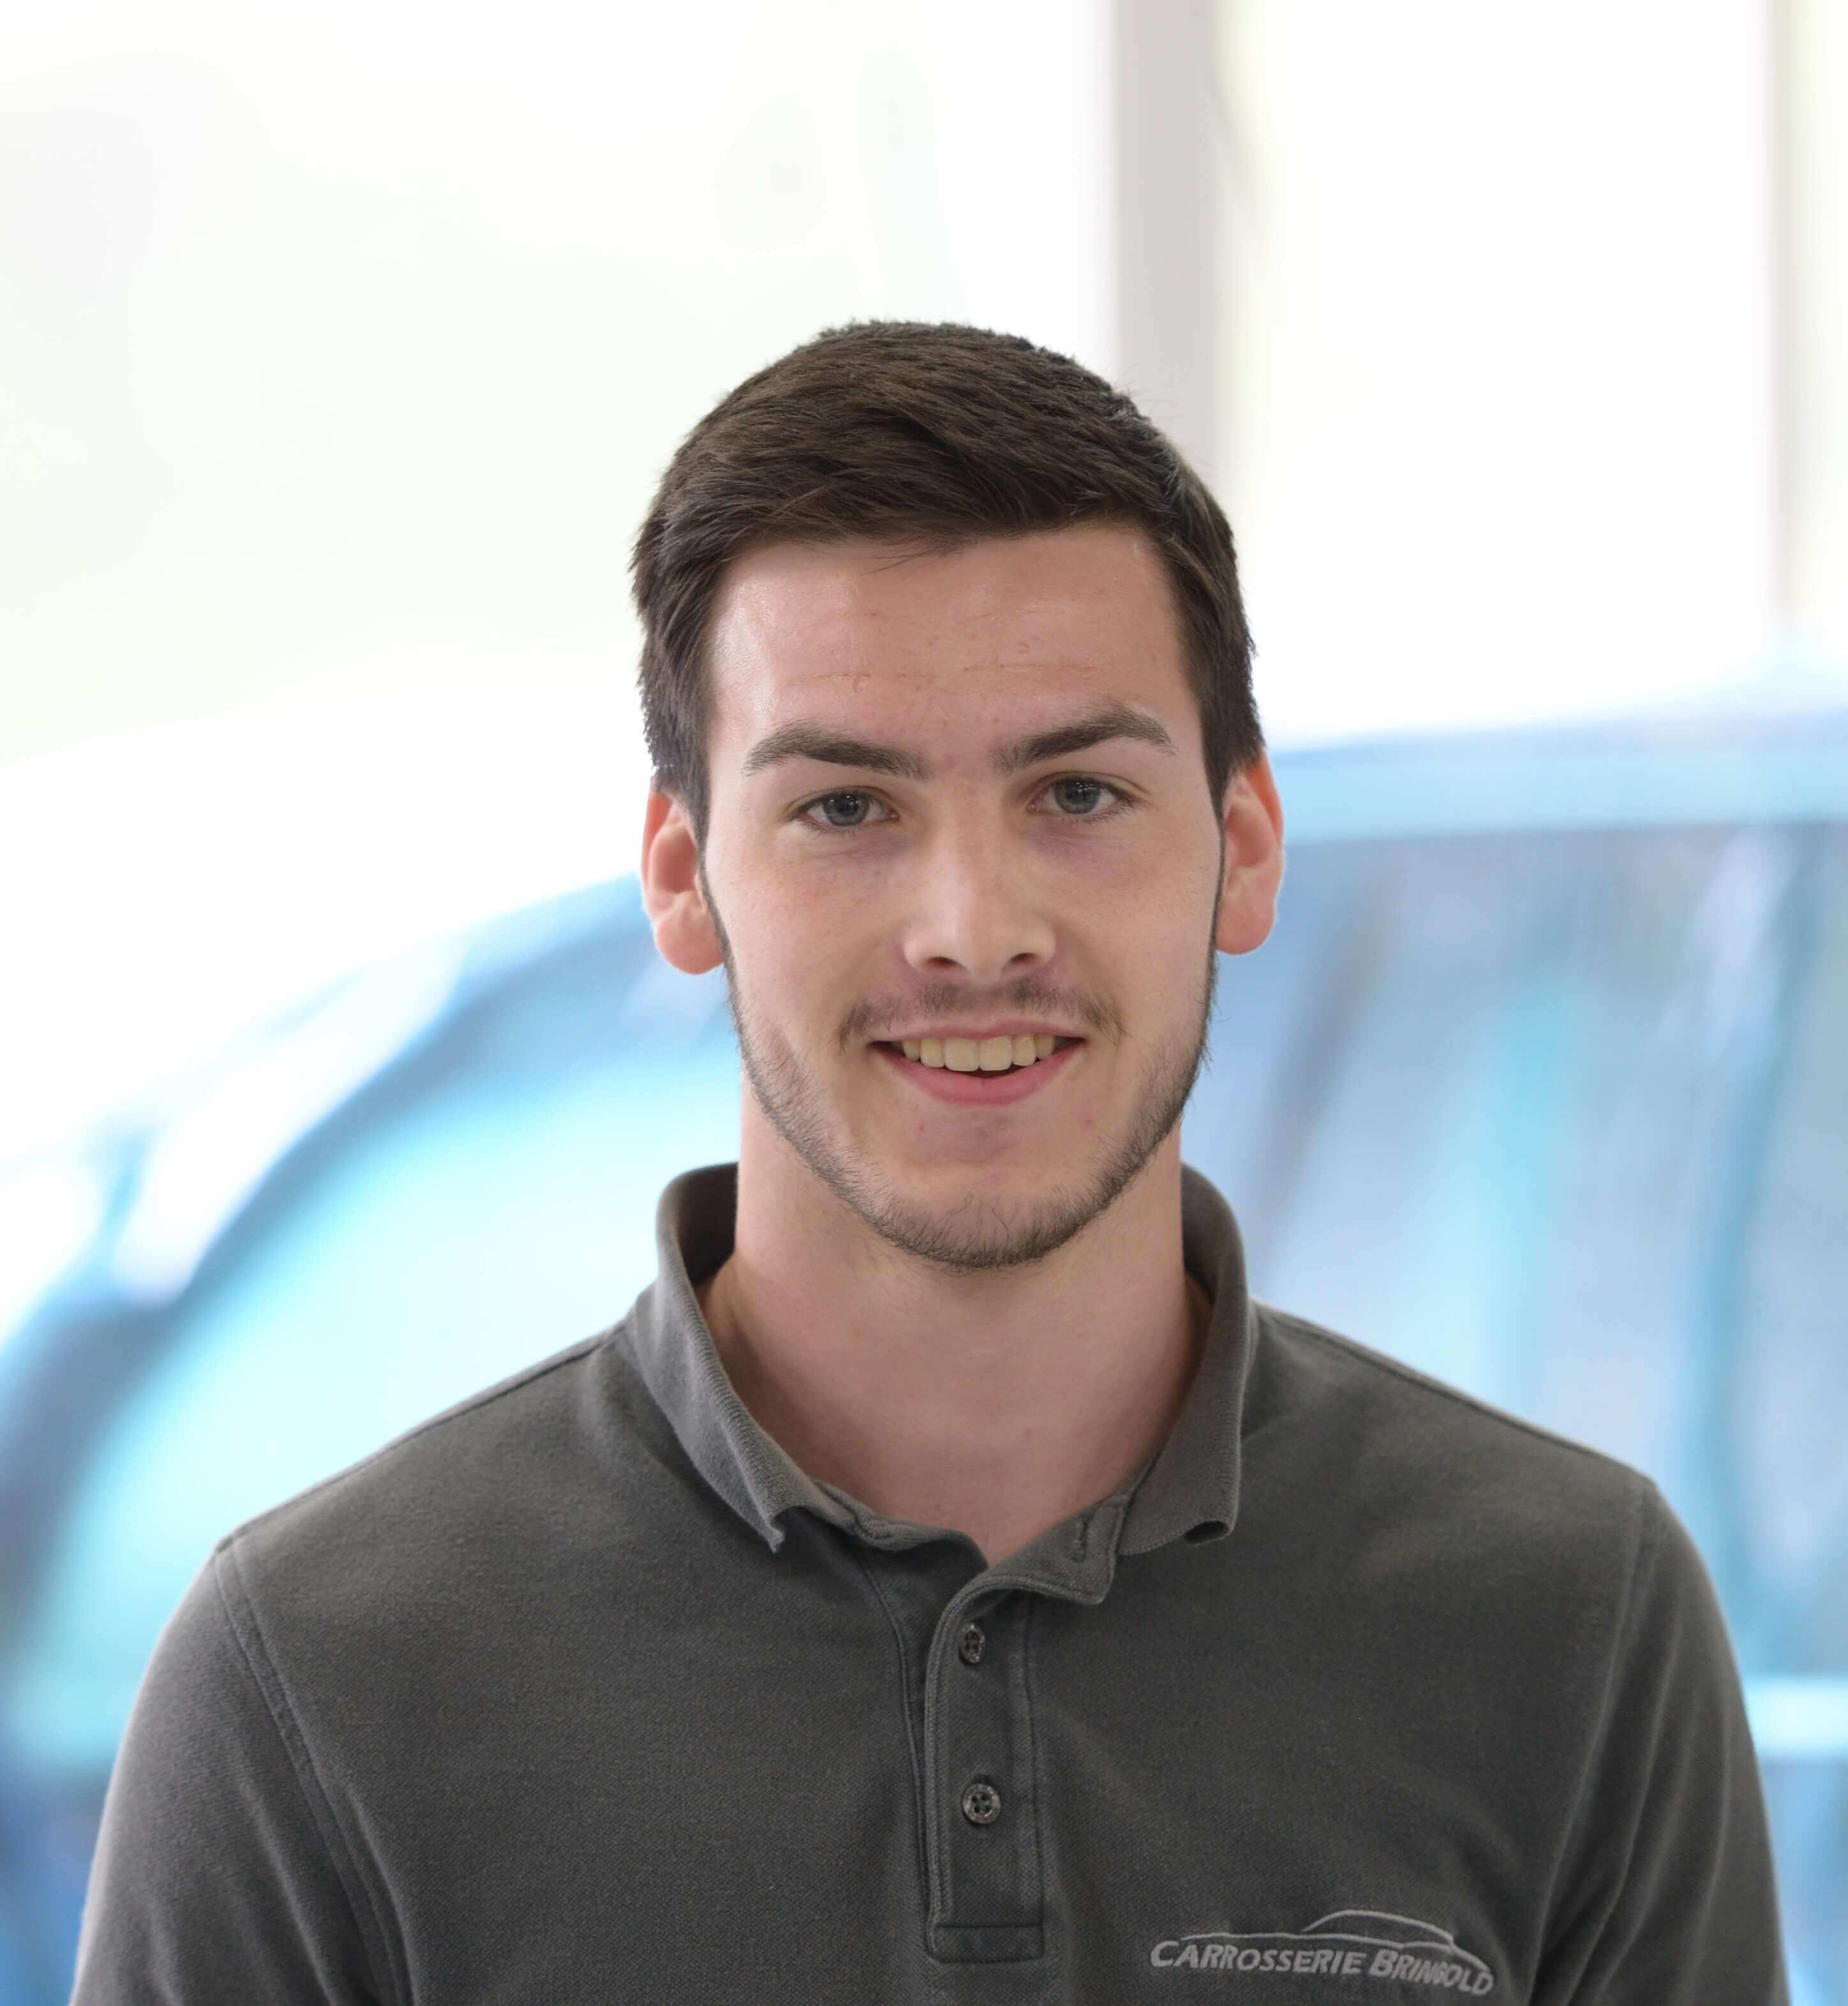 Fabio Tanner